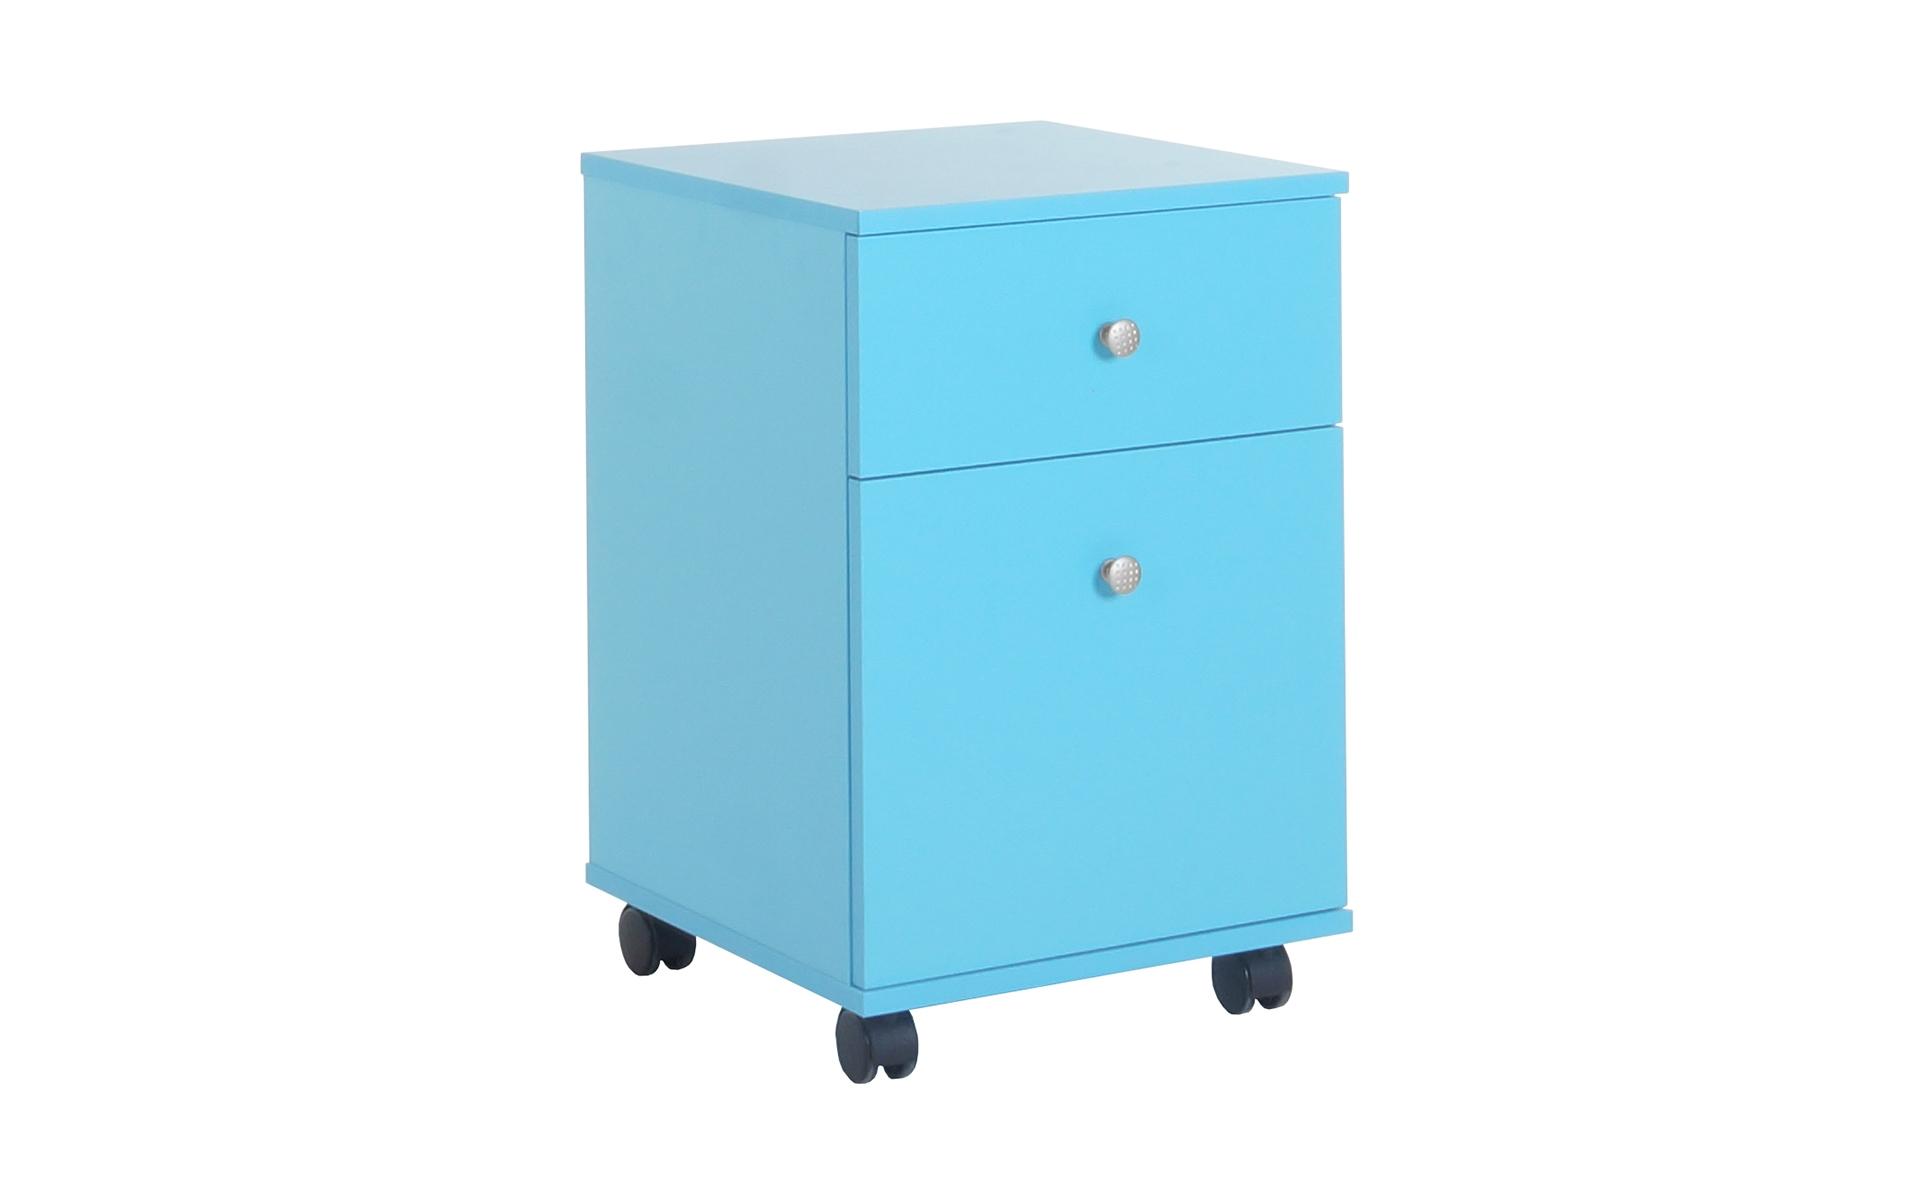 Тумба BoxПрикроватные тумбы<br>&amp;lt;div&amp;gt;Тумба предназначена для оборудования рабочих зон. Имеет 1 выдвижной ящик и отделение с полкой за дверцей.&amp;amp;nbsp;&amp;lt;/div&amp;gt;&amp;lt;div&amp;gt;&amp;lt;br&amp;gt;&amp;lt;/div&amp;gt;&amp;lt;div&amp;gt;Материалы:&amp;lt;/div&amp;gt;&amp;lt;div&amp;gt;Корпус: ЛДСП 22 мм., ЛДСП 16 мм.&amp;lt;/div&amp;gt;<br><br>Material: ДСП<br>Ширина см: 40<br>Высота см: 60<br>Глубина см: 40